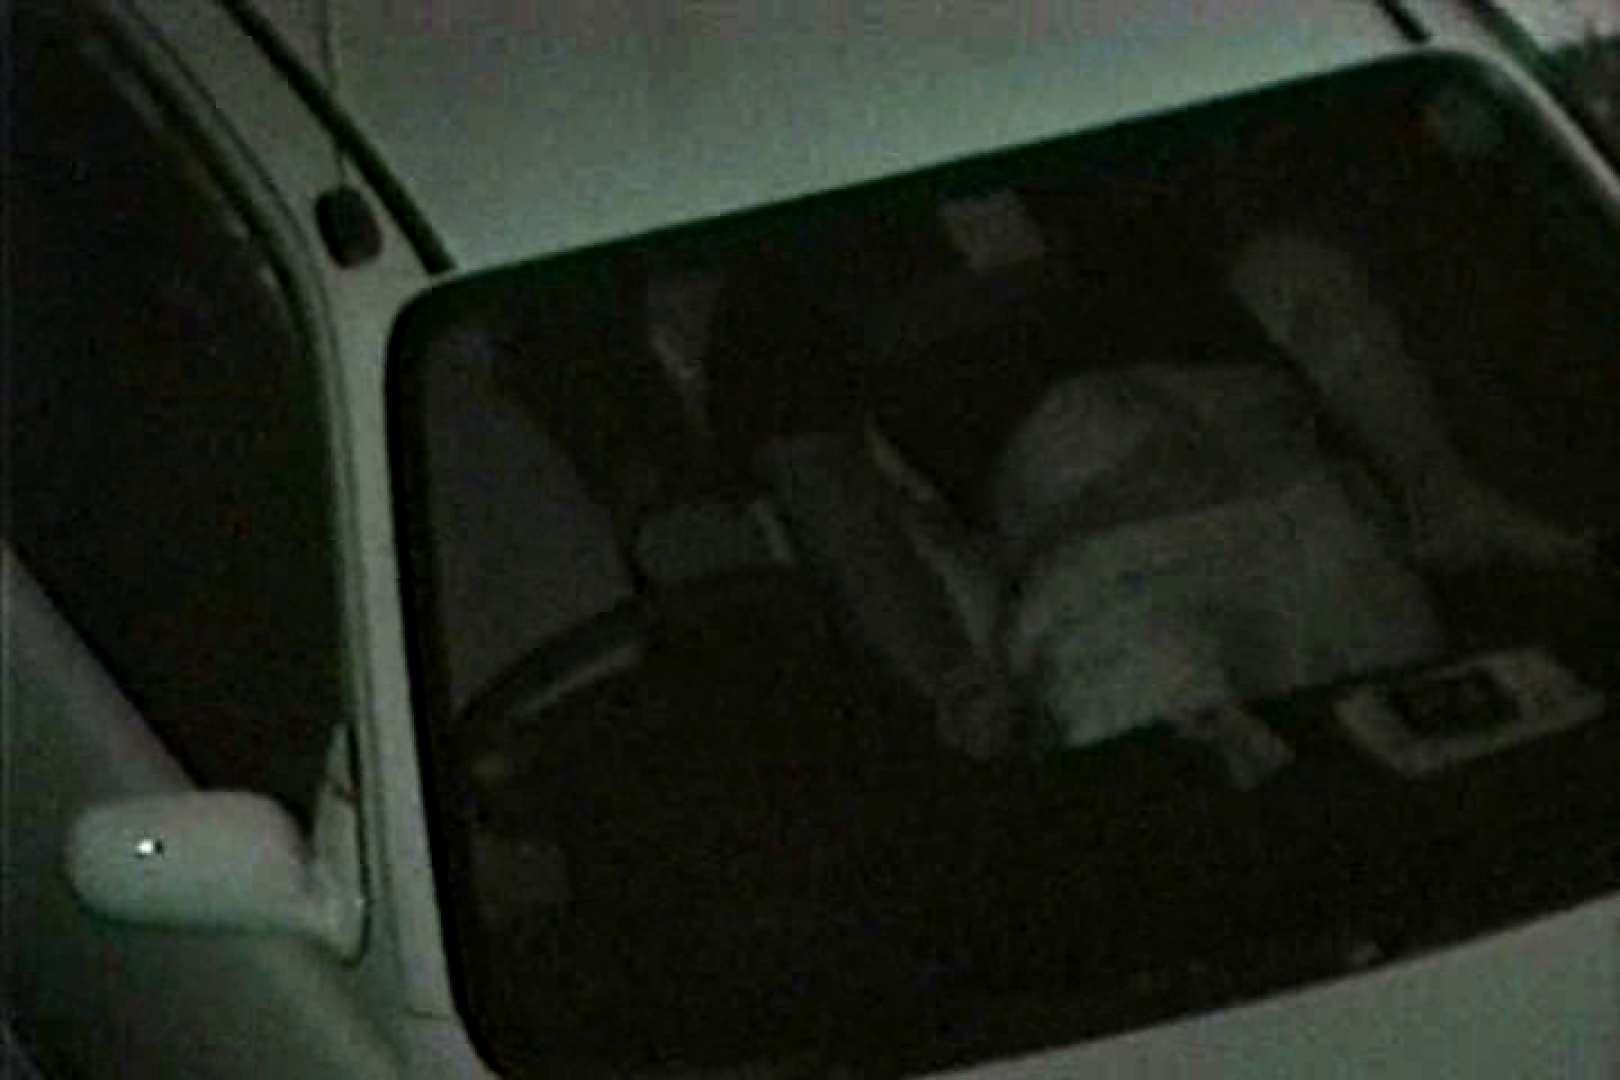 車の中はラブホテル 無修正版  Vol.8 ラブホテル AV無料動画キャプチャ 102PIX 23